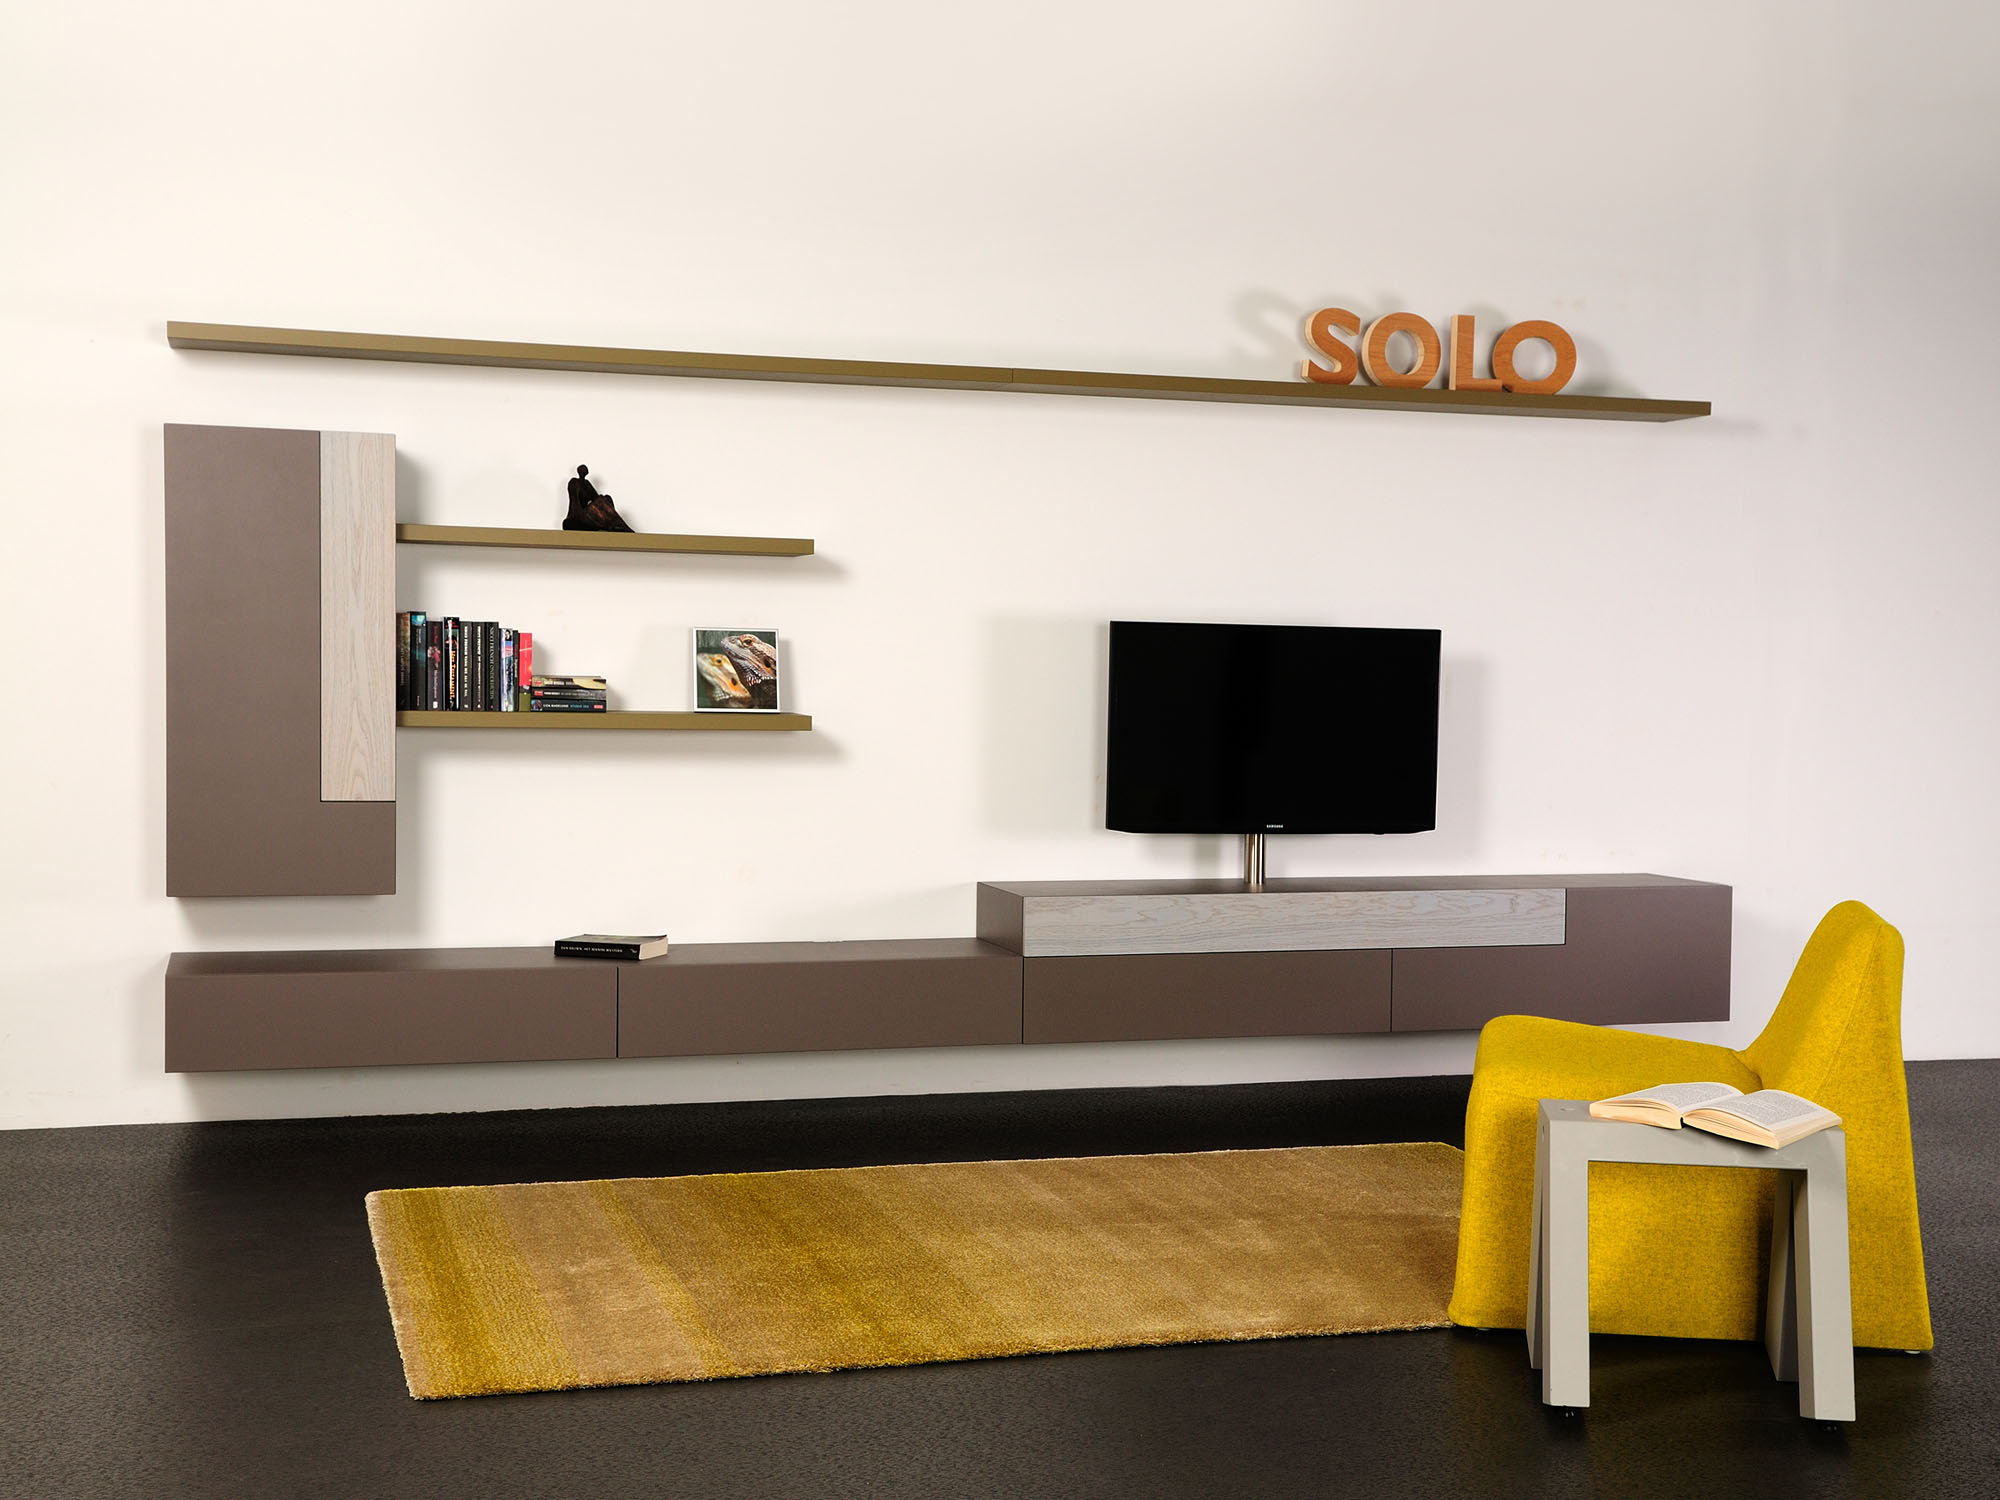 SOLO-wandcombinatie, ontwerp door Castelijn Team